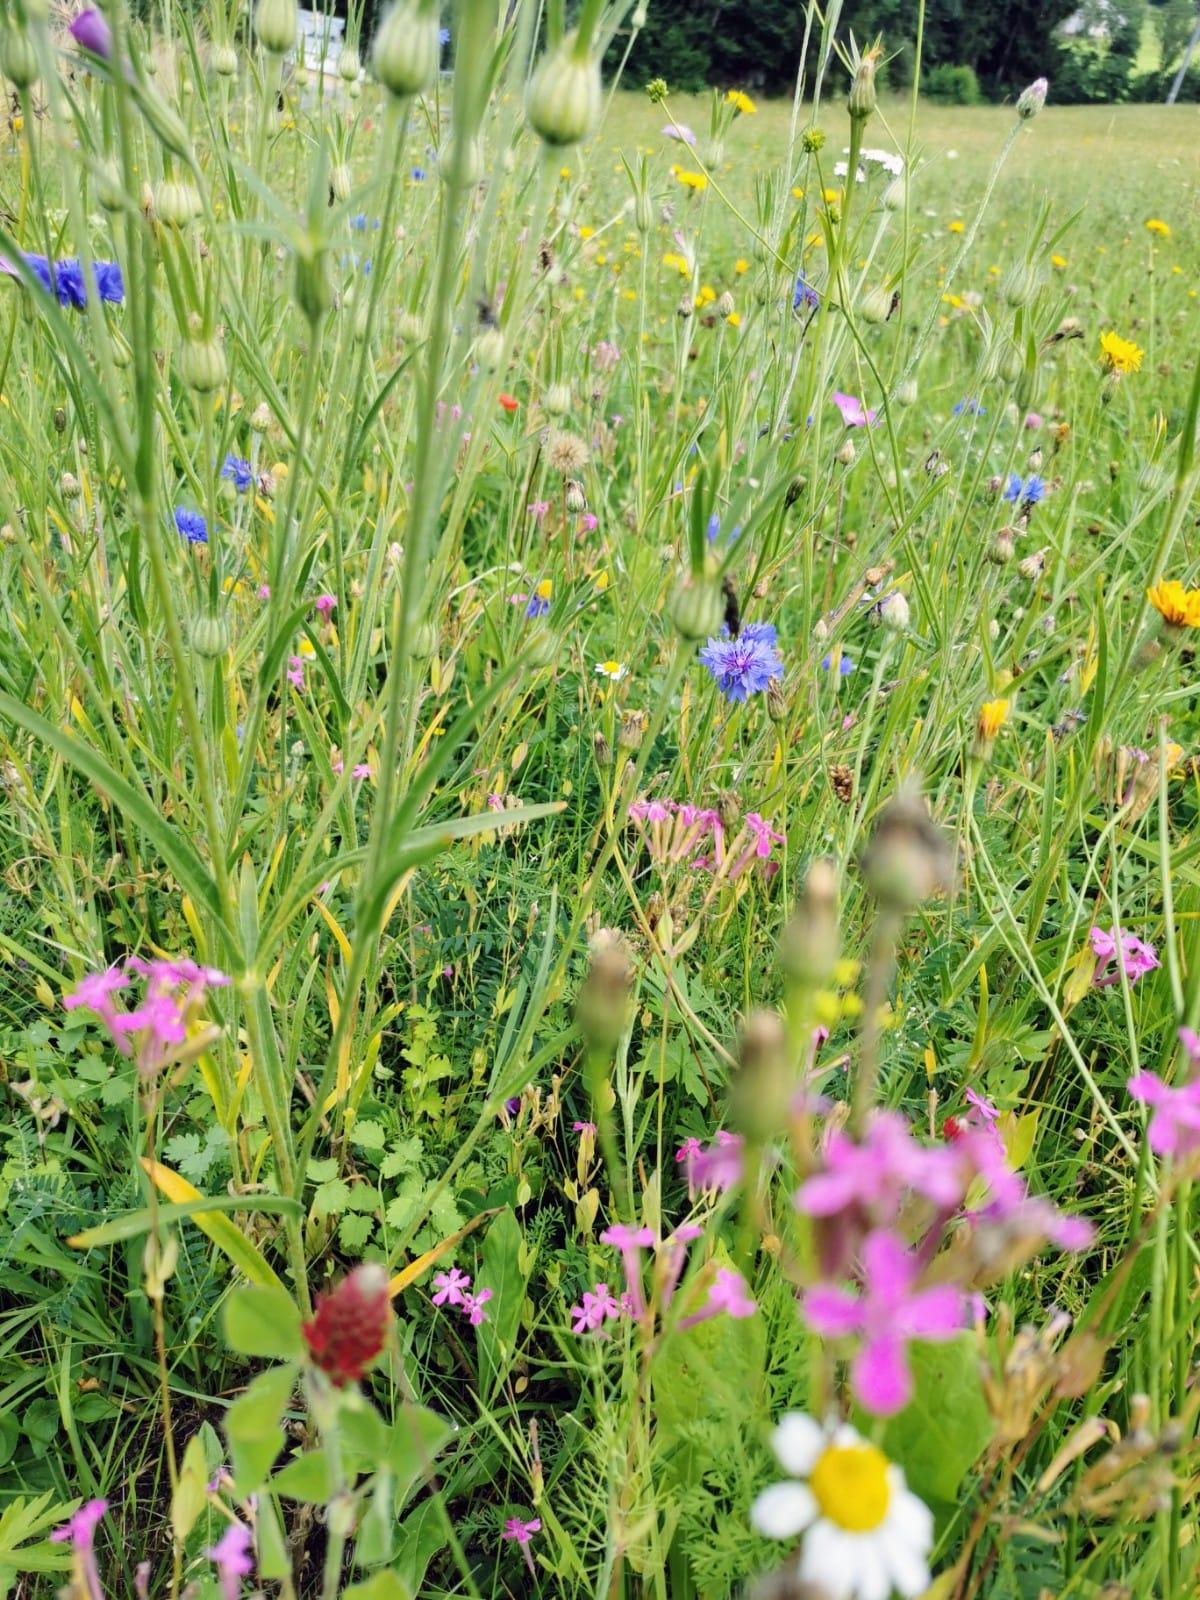 Blühstreifen am Bienenstand - Bio Imkerei Bramreither - Mühlviertel - Rohrbach - Helfenberg - Penning - bunte Blumen